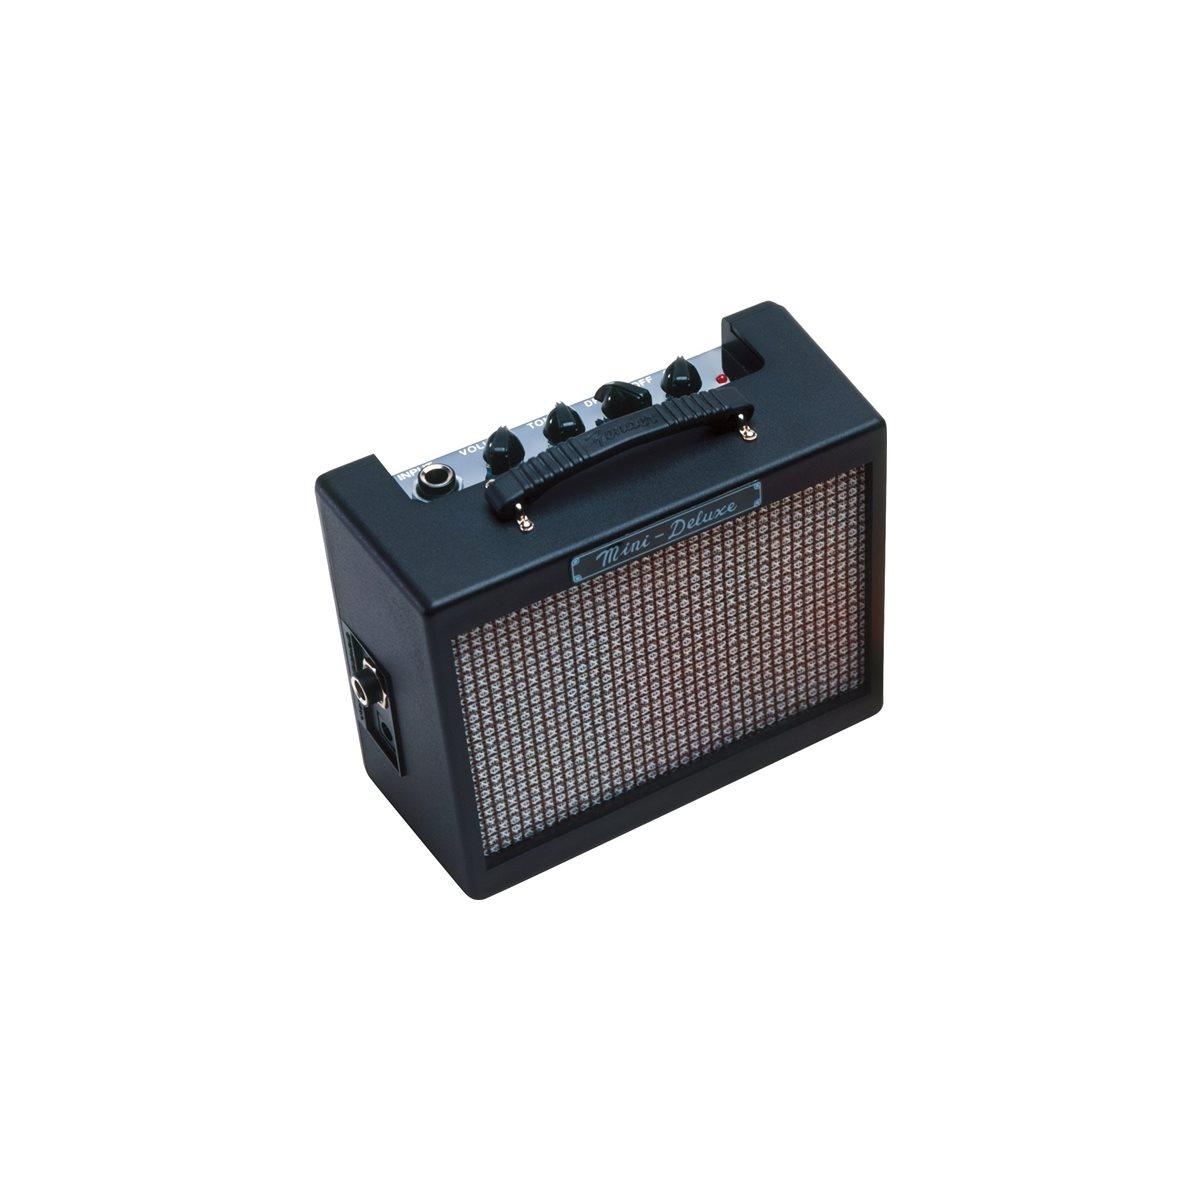 FENDER - MD20 Mini Deluxe Amplifier